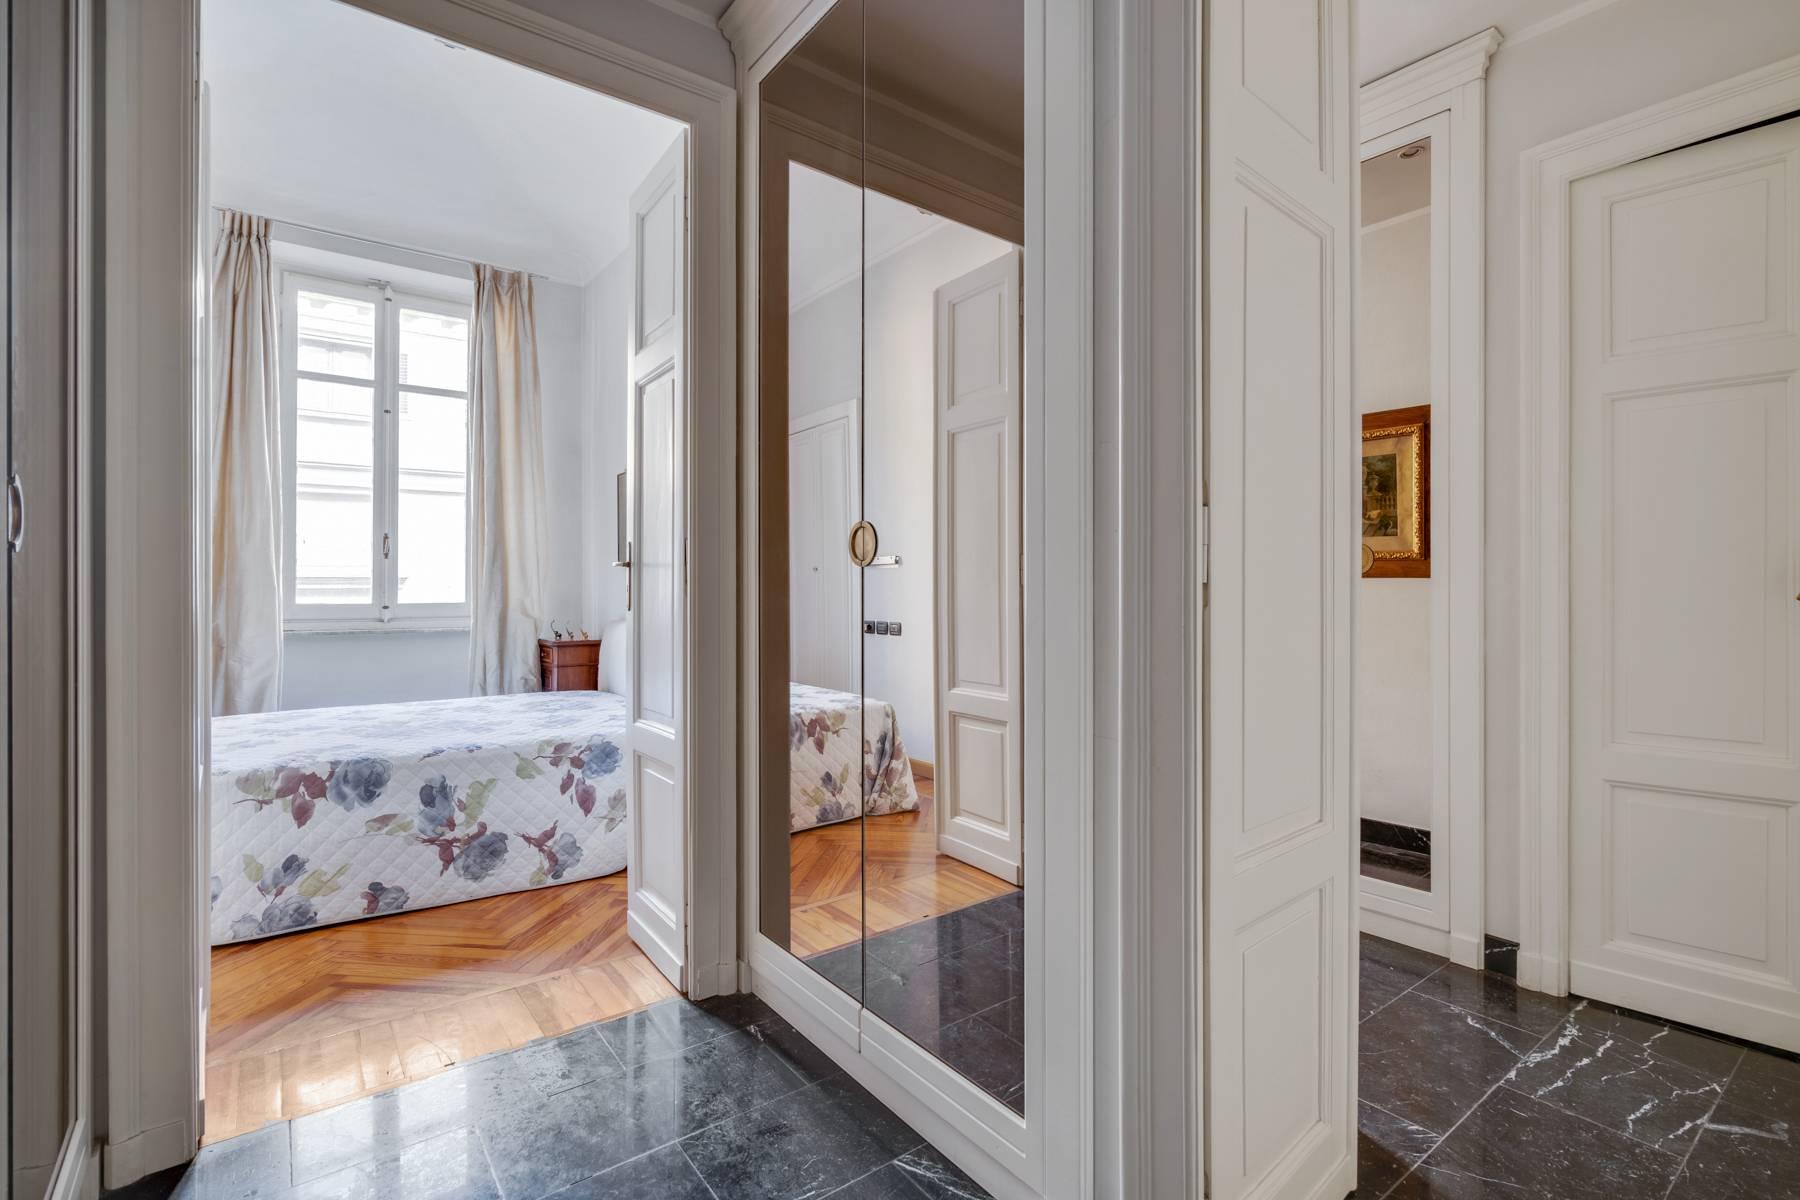 Appartamento in Vendita a Torino: 4 locali, 112 mq - Foto 11